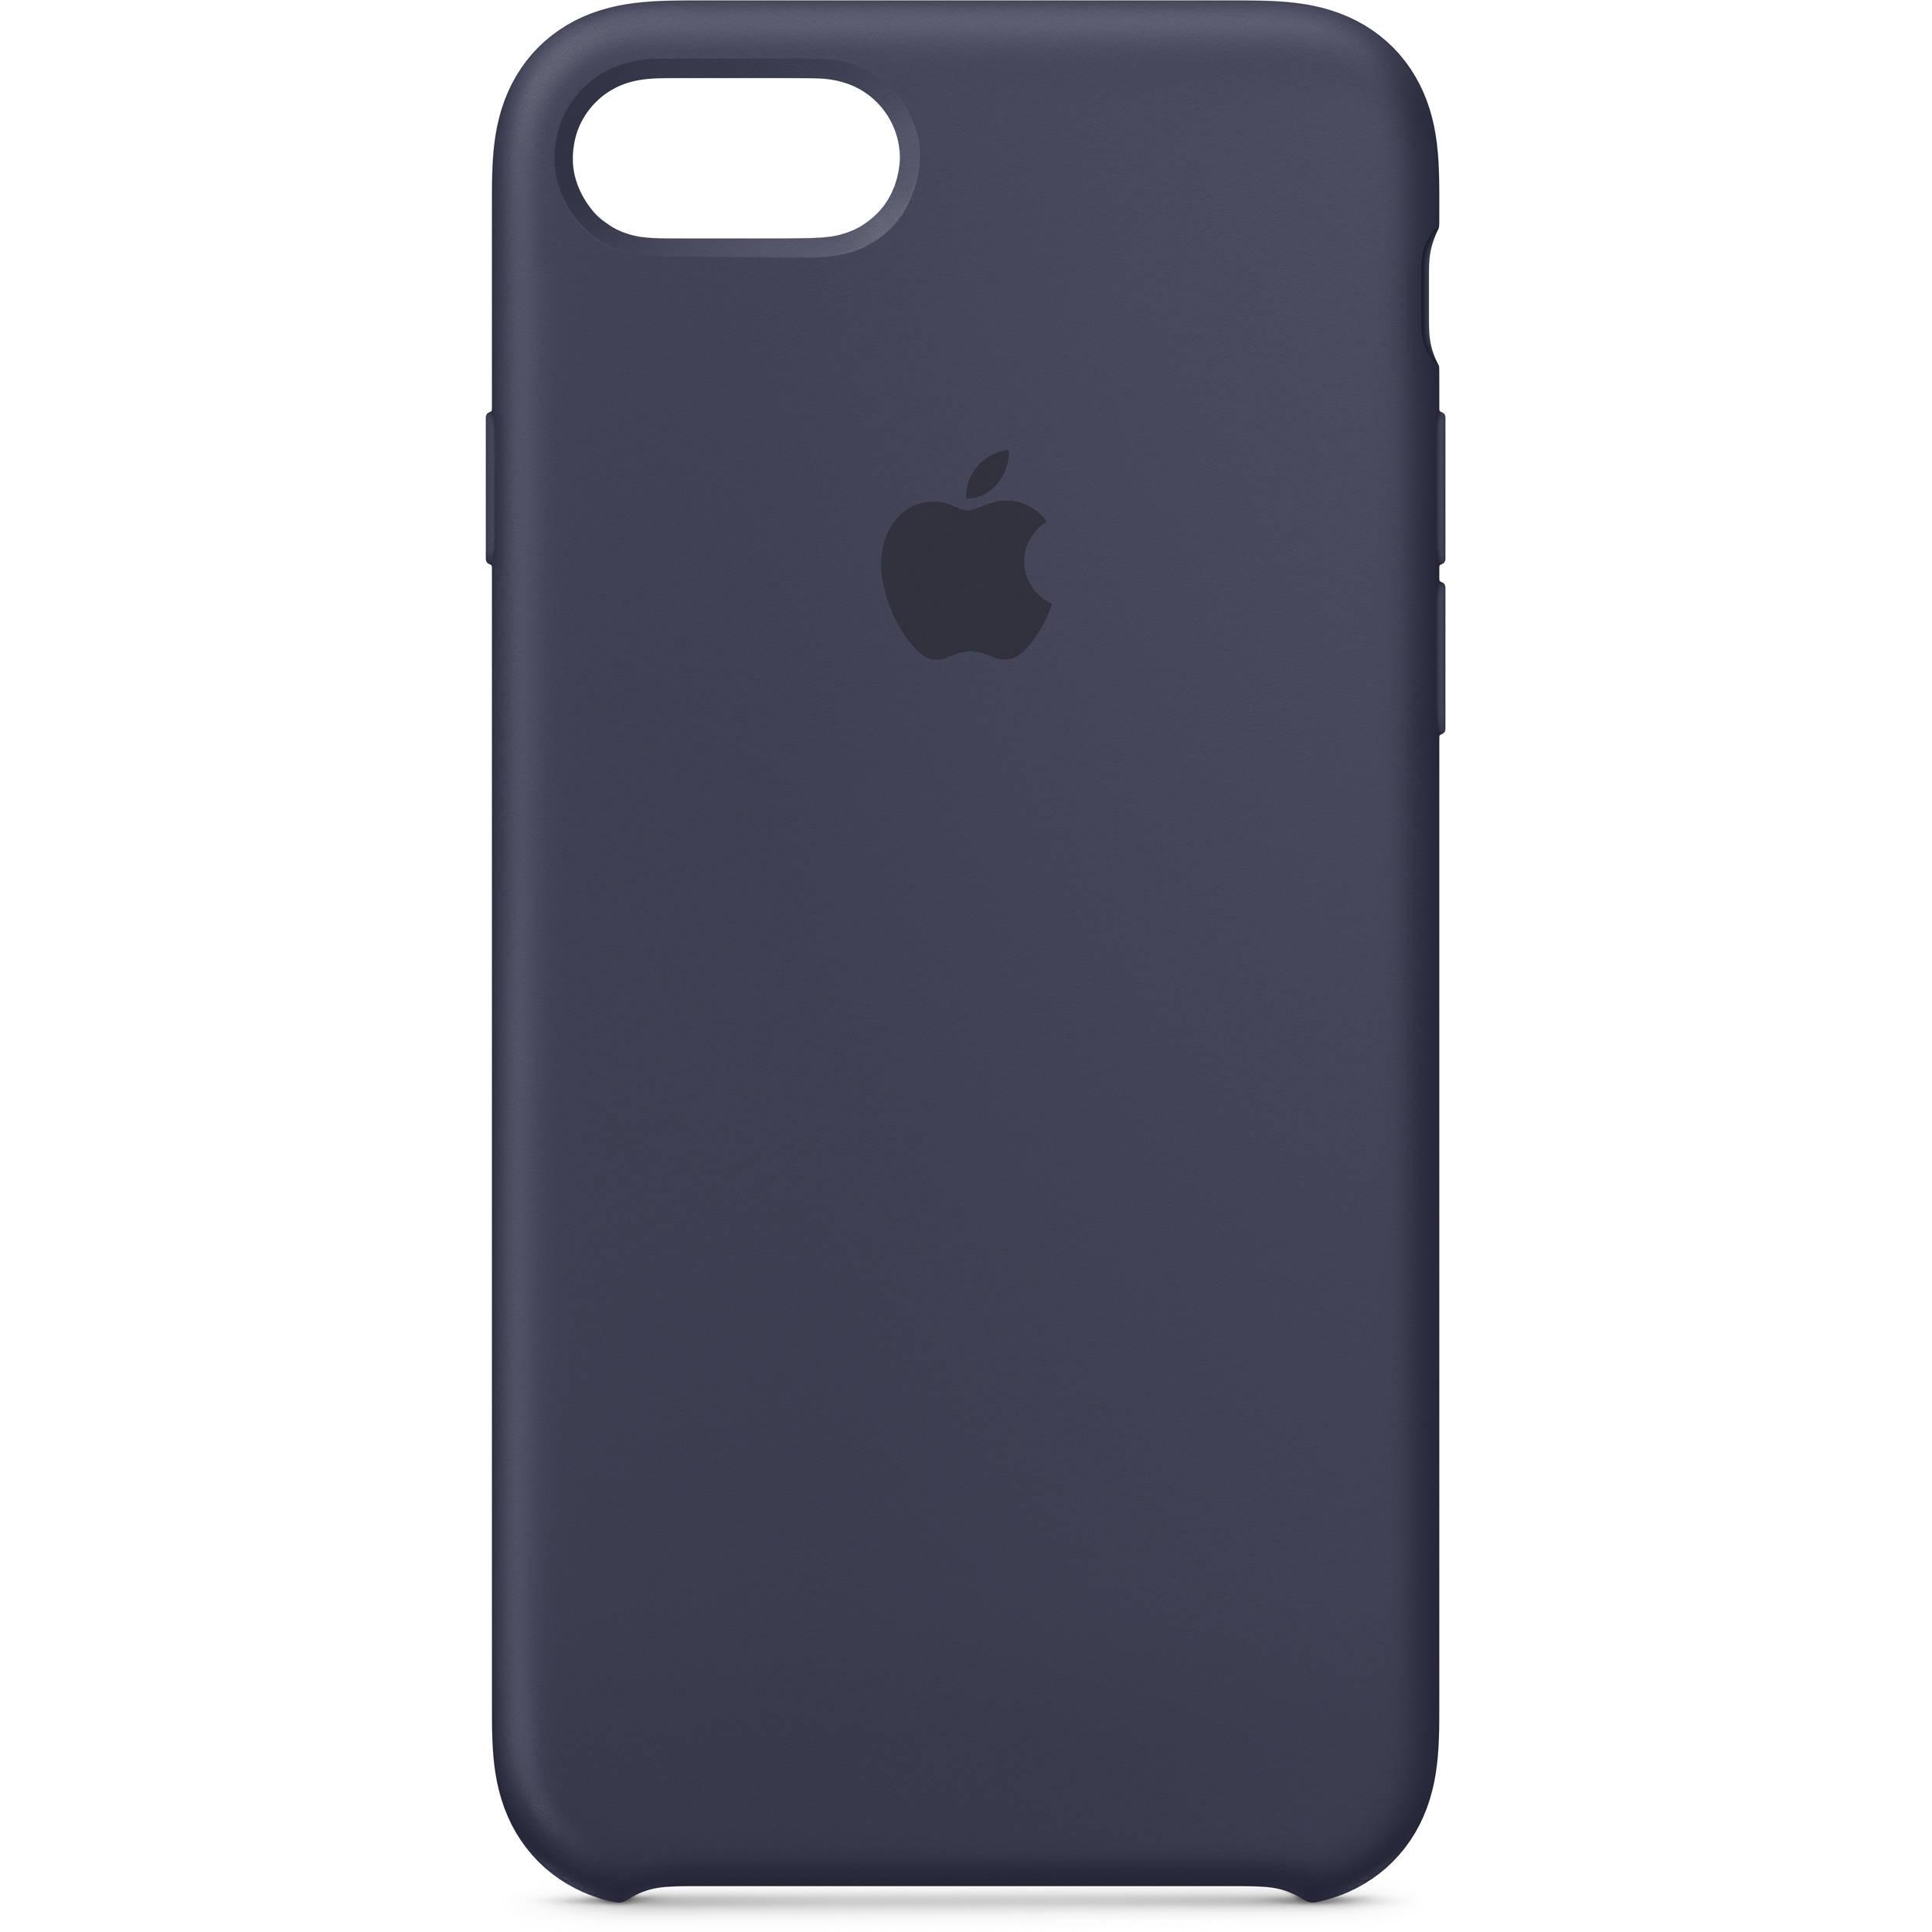 detailed look 02421 55661 Apple iPhone 7 Plus/8 Plus Silicone Case (Blue Cobalt)